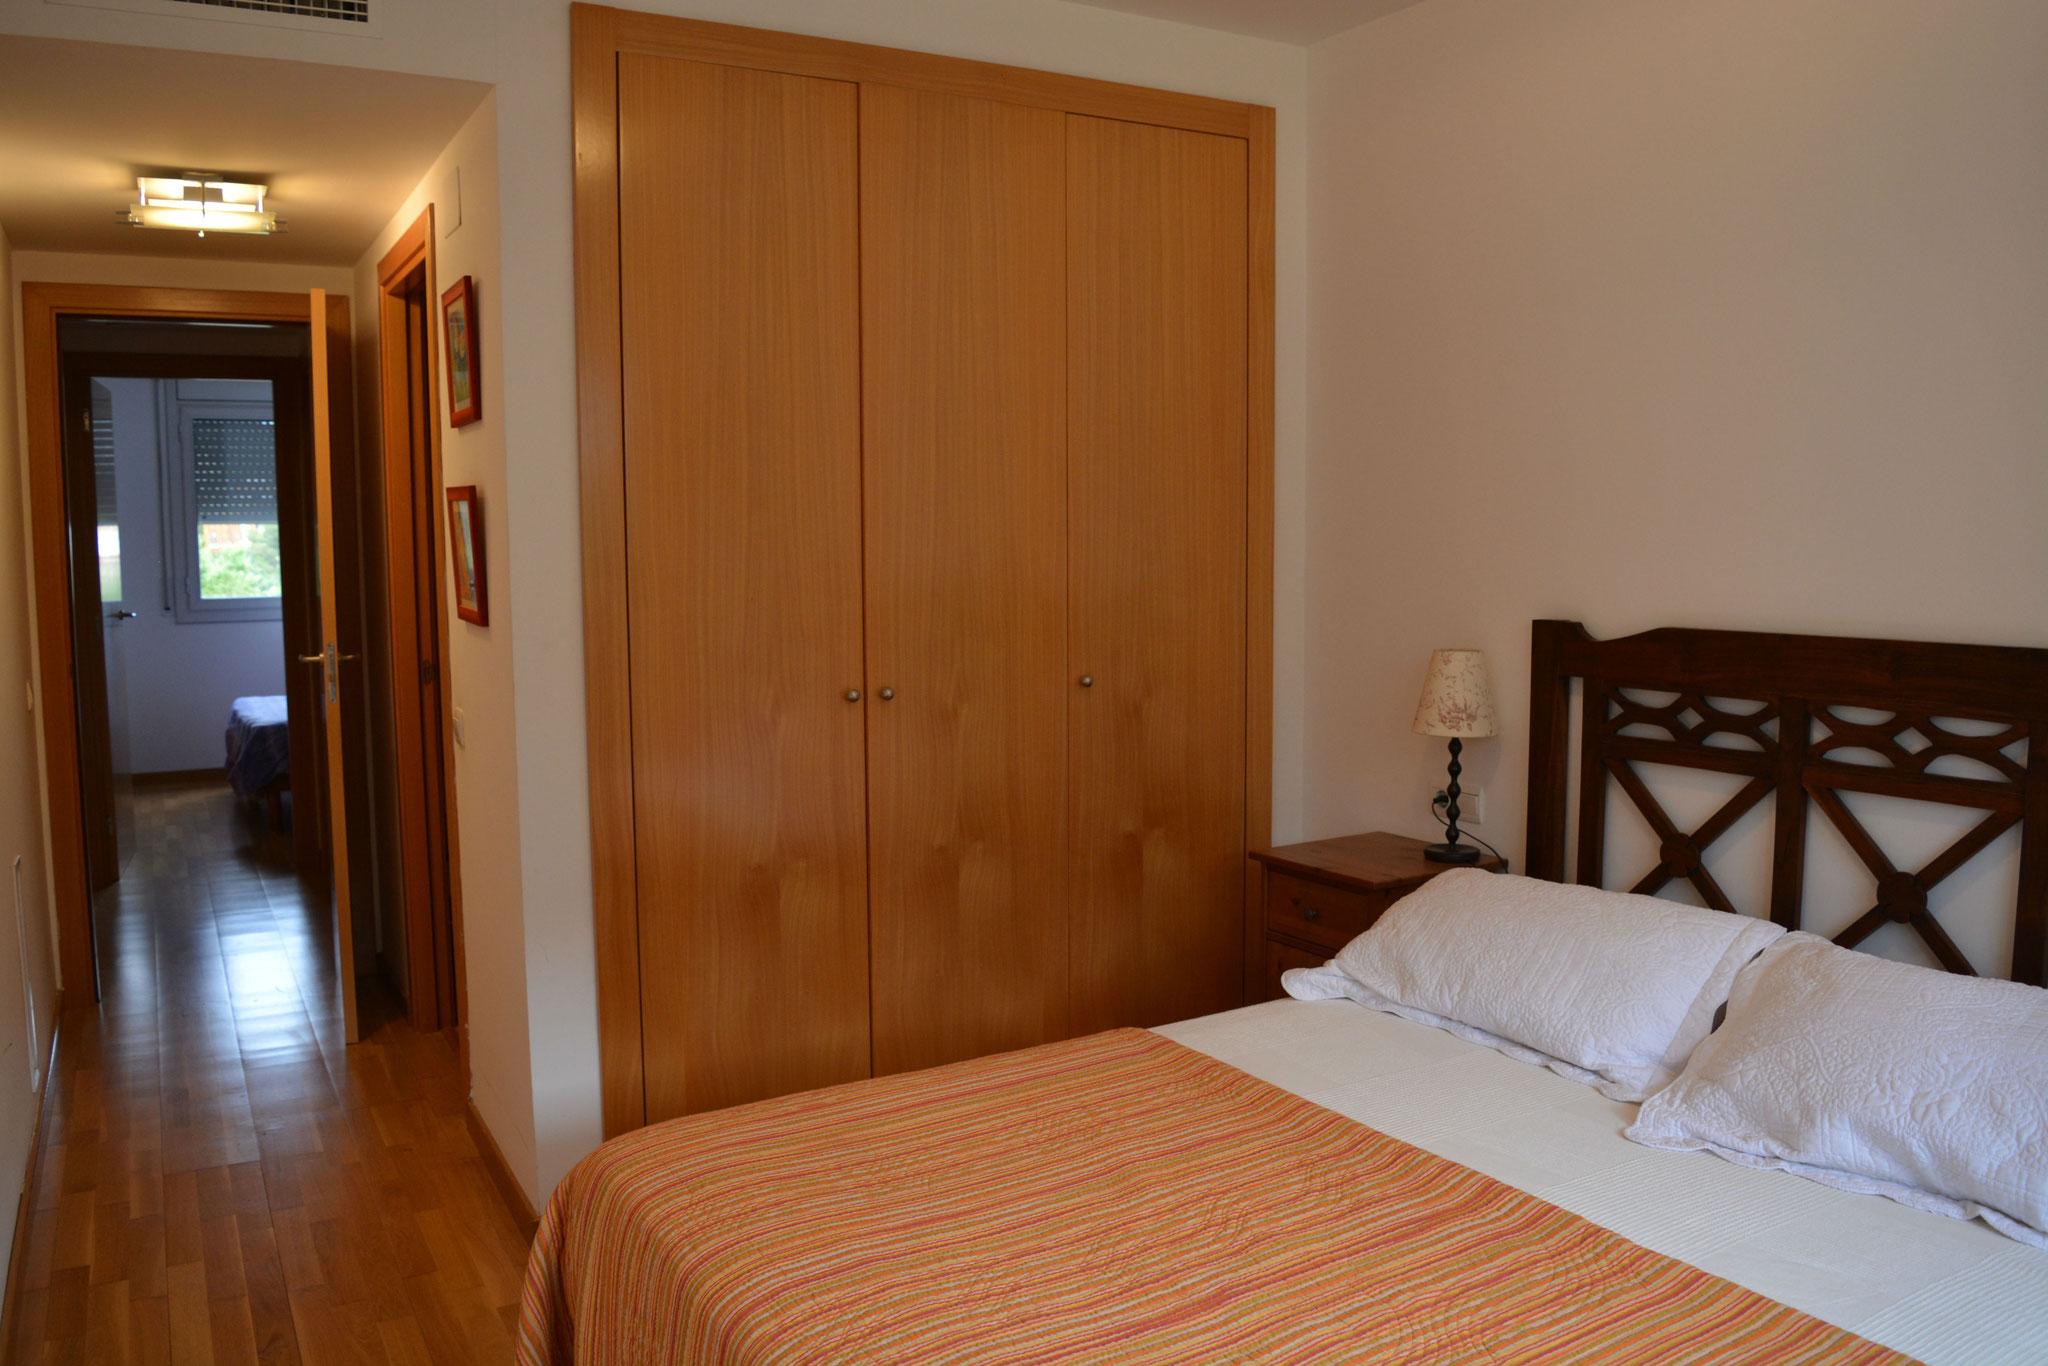 chambre principale avec salle de bain